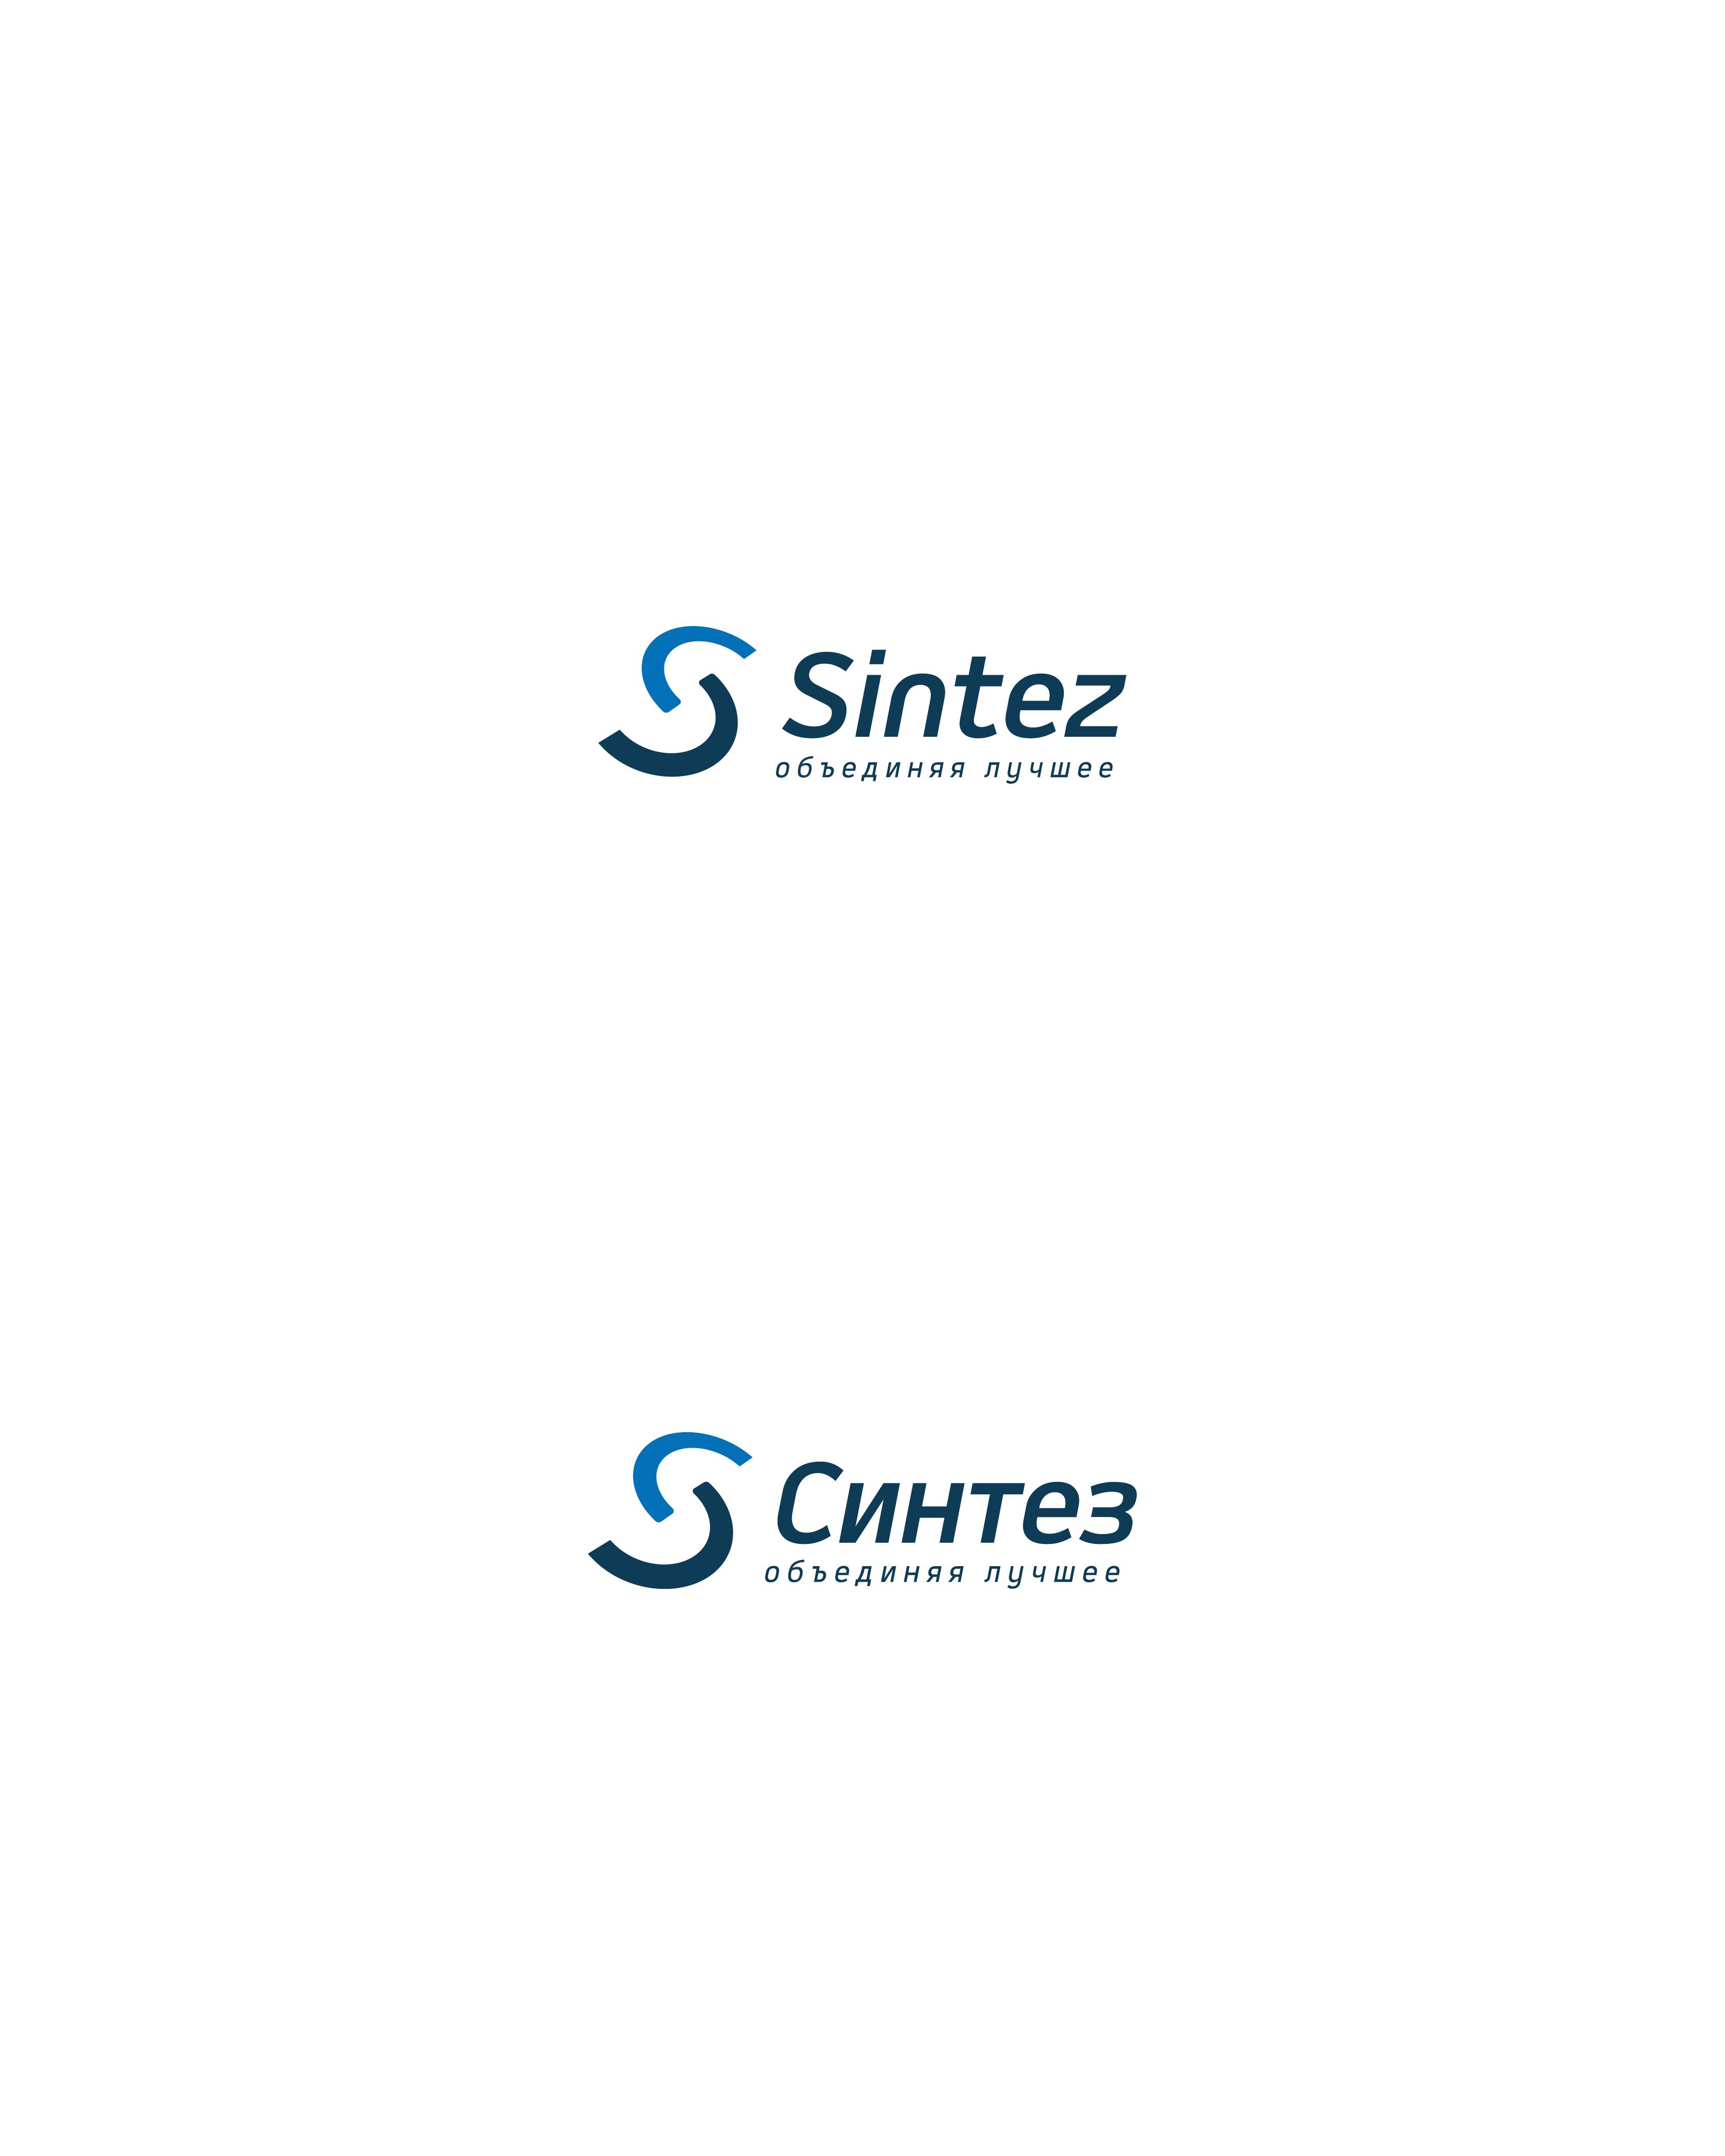 Разрабтка логотипа компании и фирменного шрифта фото f_8955f6267fd03710.png